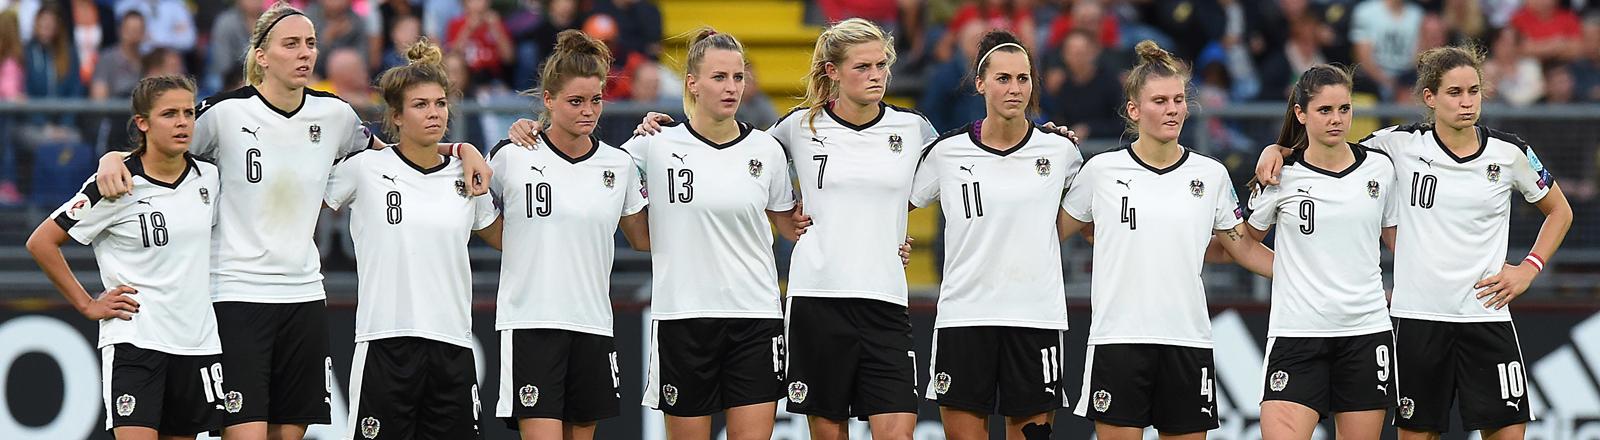 Das Team der deutschen Nationalmannschaft bei der EM der Frauen 2017.